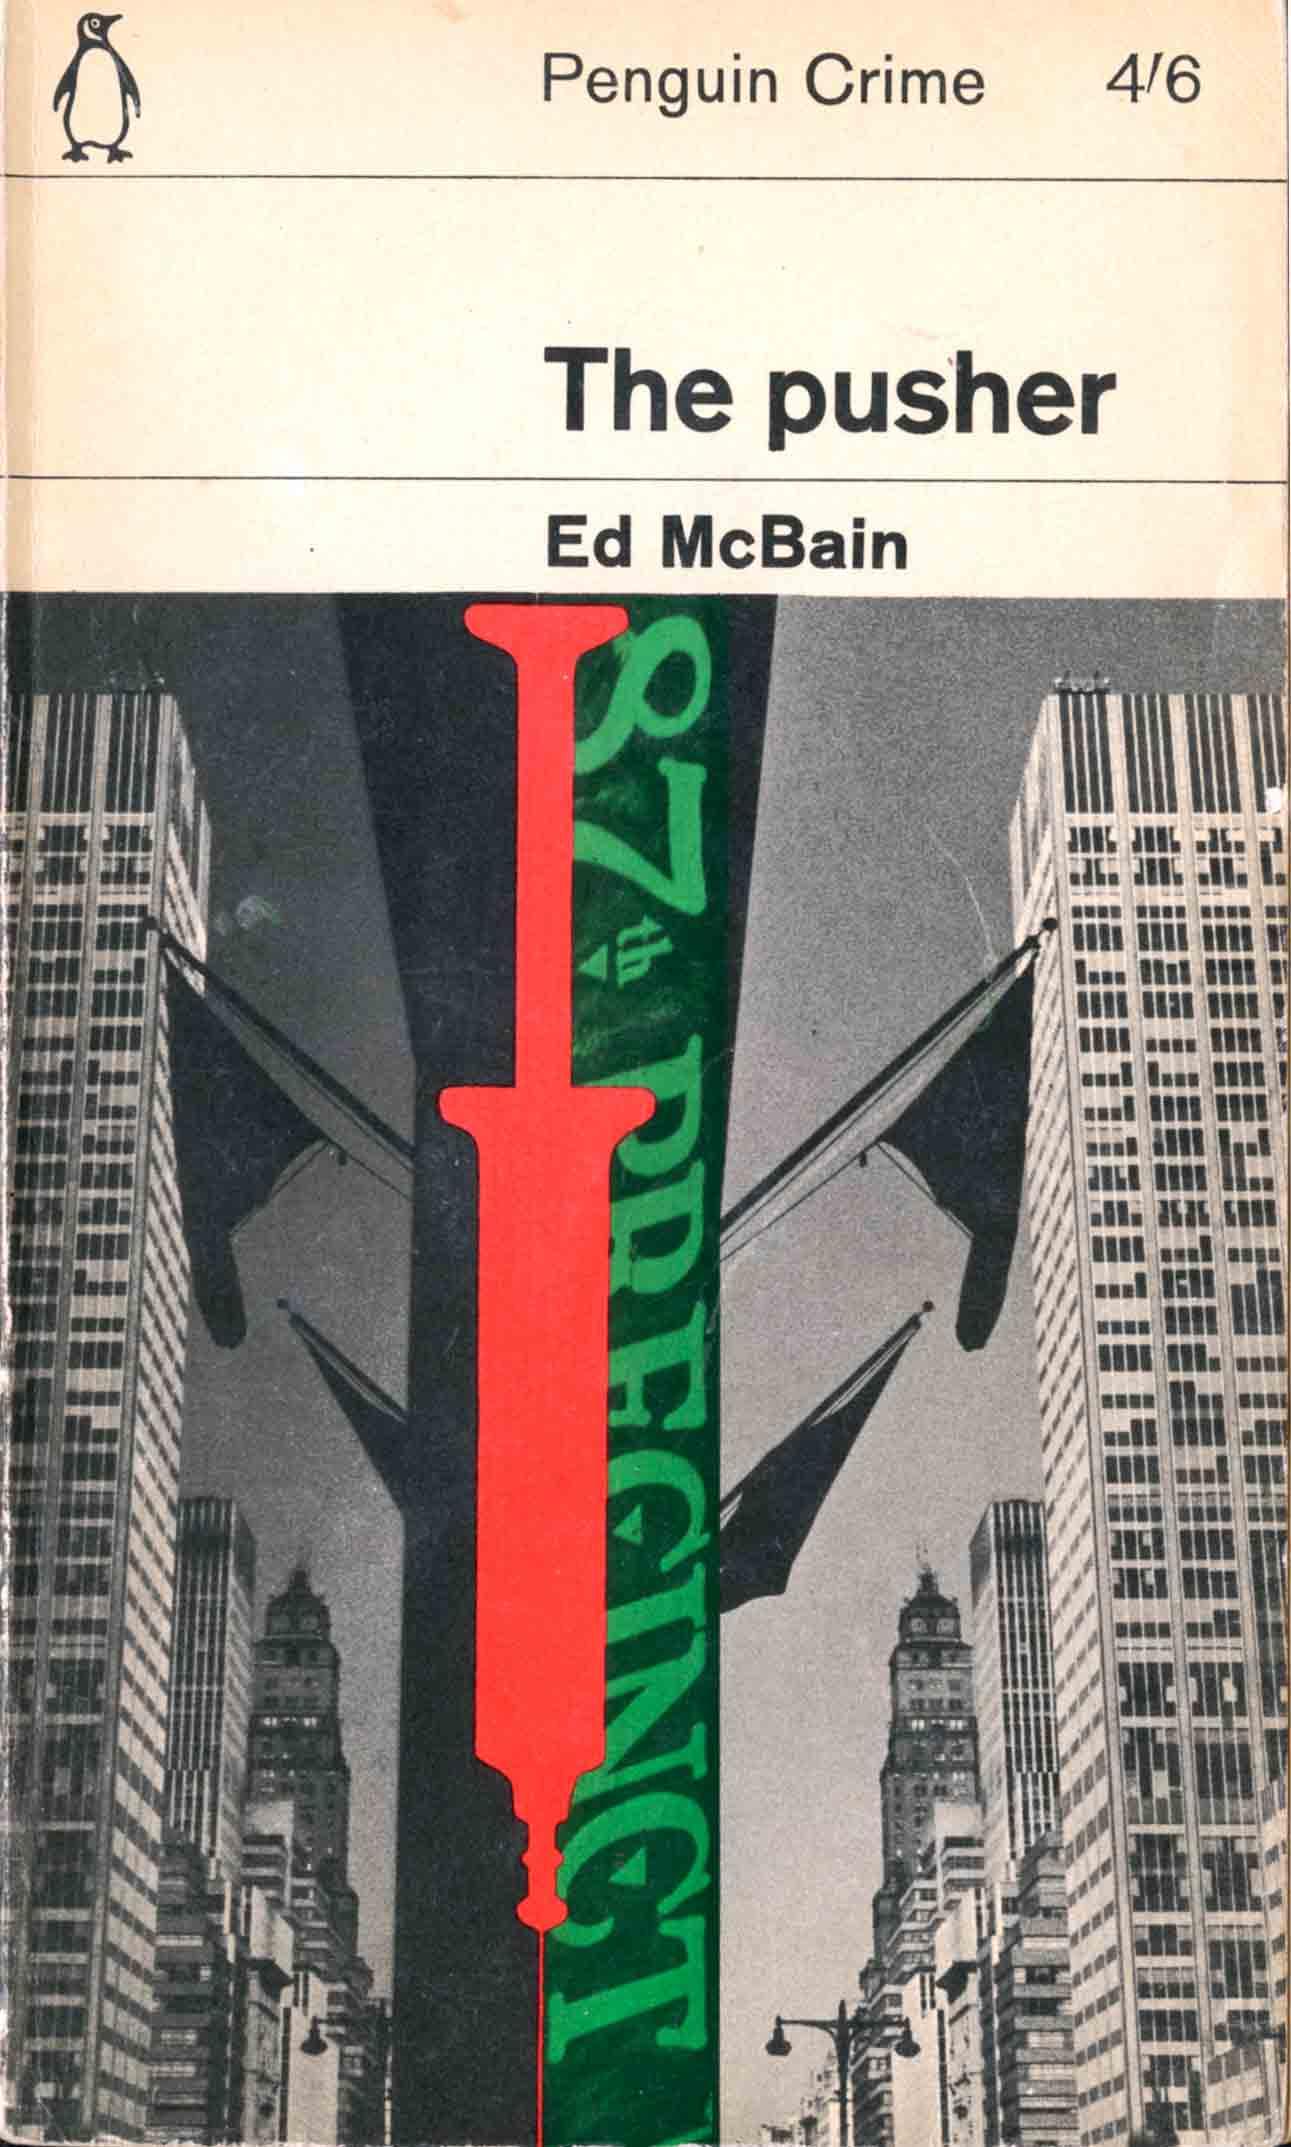 Cover of Ed McBain crime novel showing syringe suspended over New York